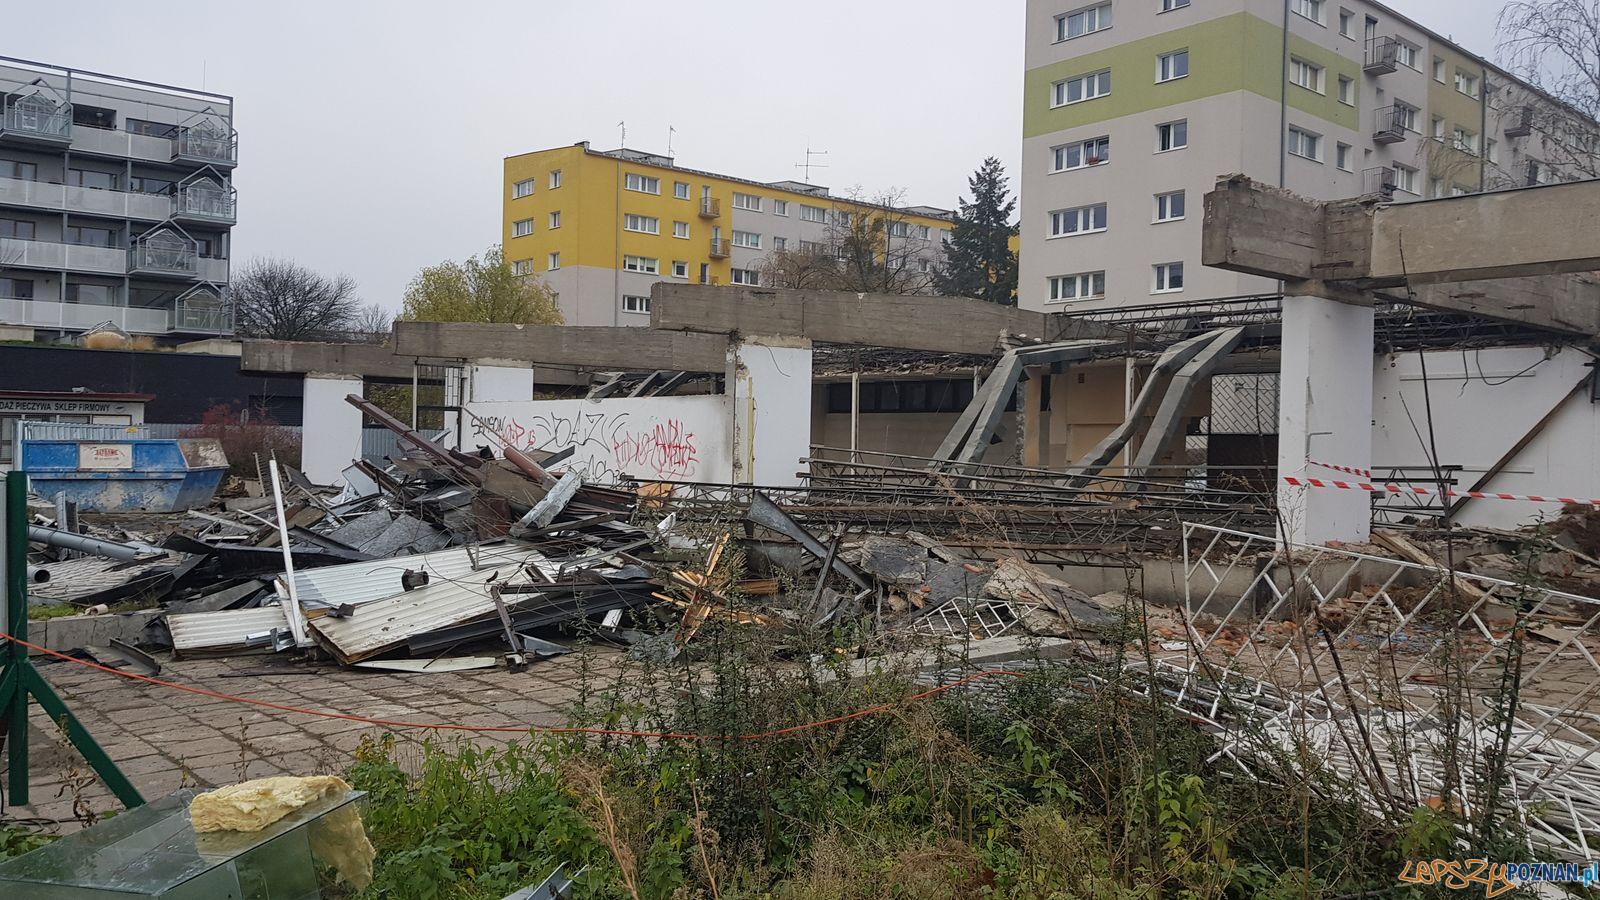 Świt - rozbiórka pawilonów  Foto: ZKZL - materiały prasowe